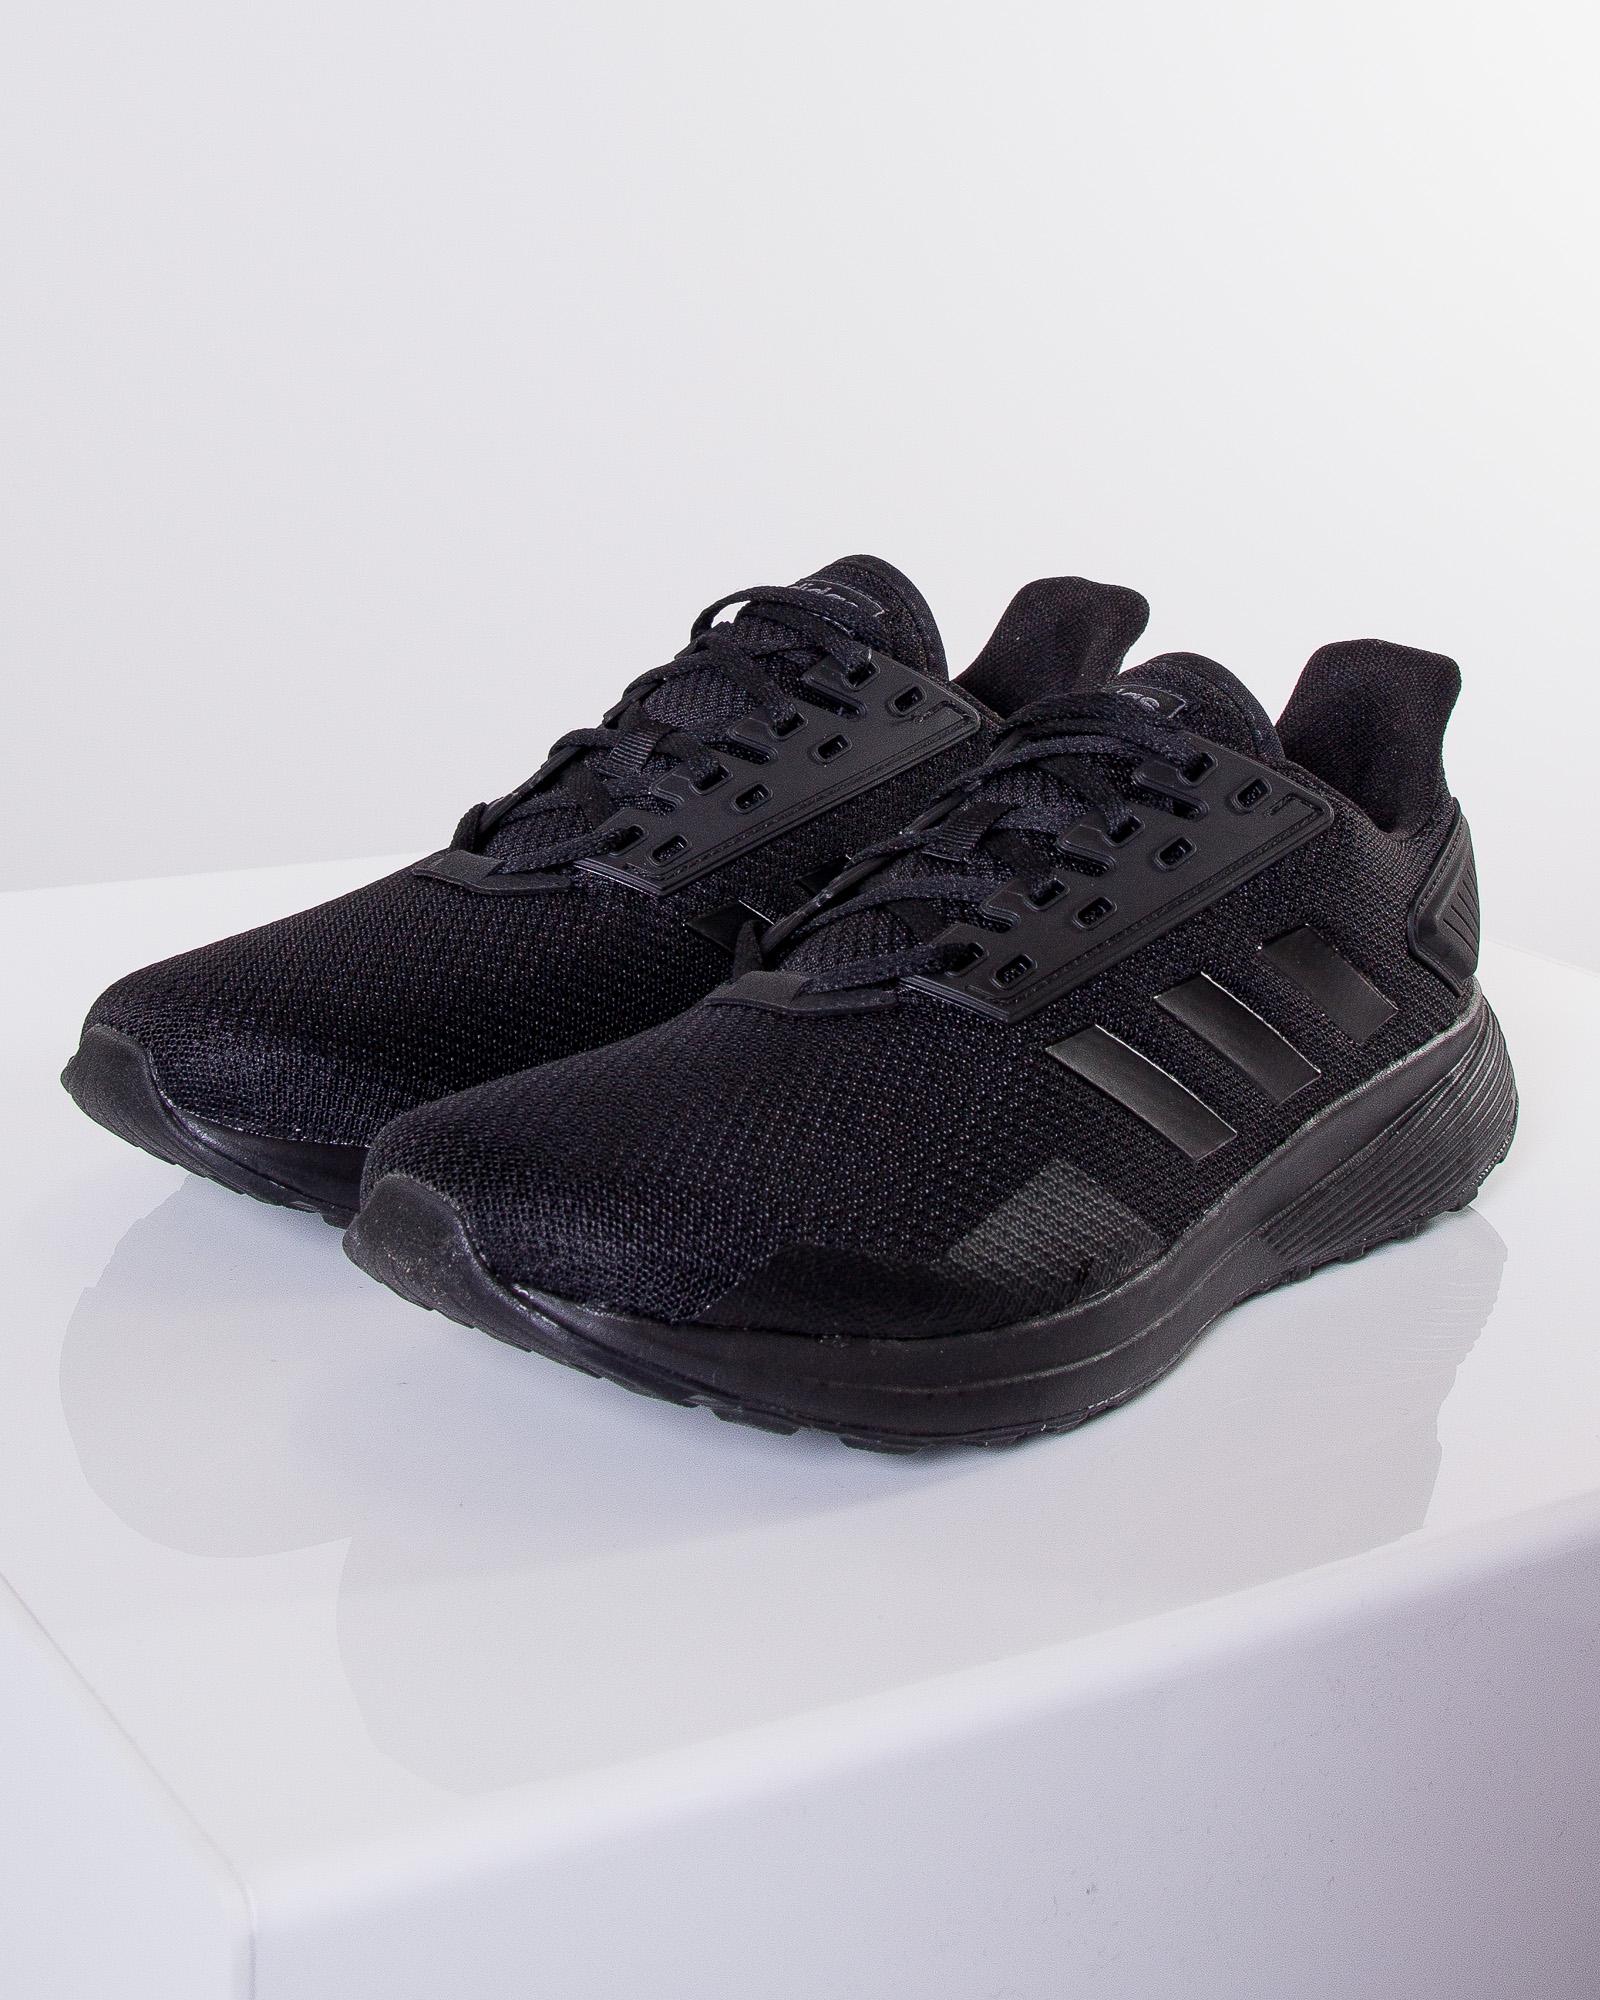 total de acuerdo a académico  Adidas, Duramo 9 Black | Men's Shoes | HOUSEOFBRANDON.COM